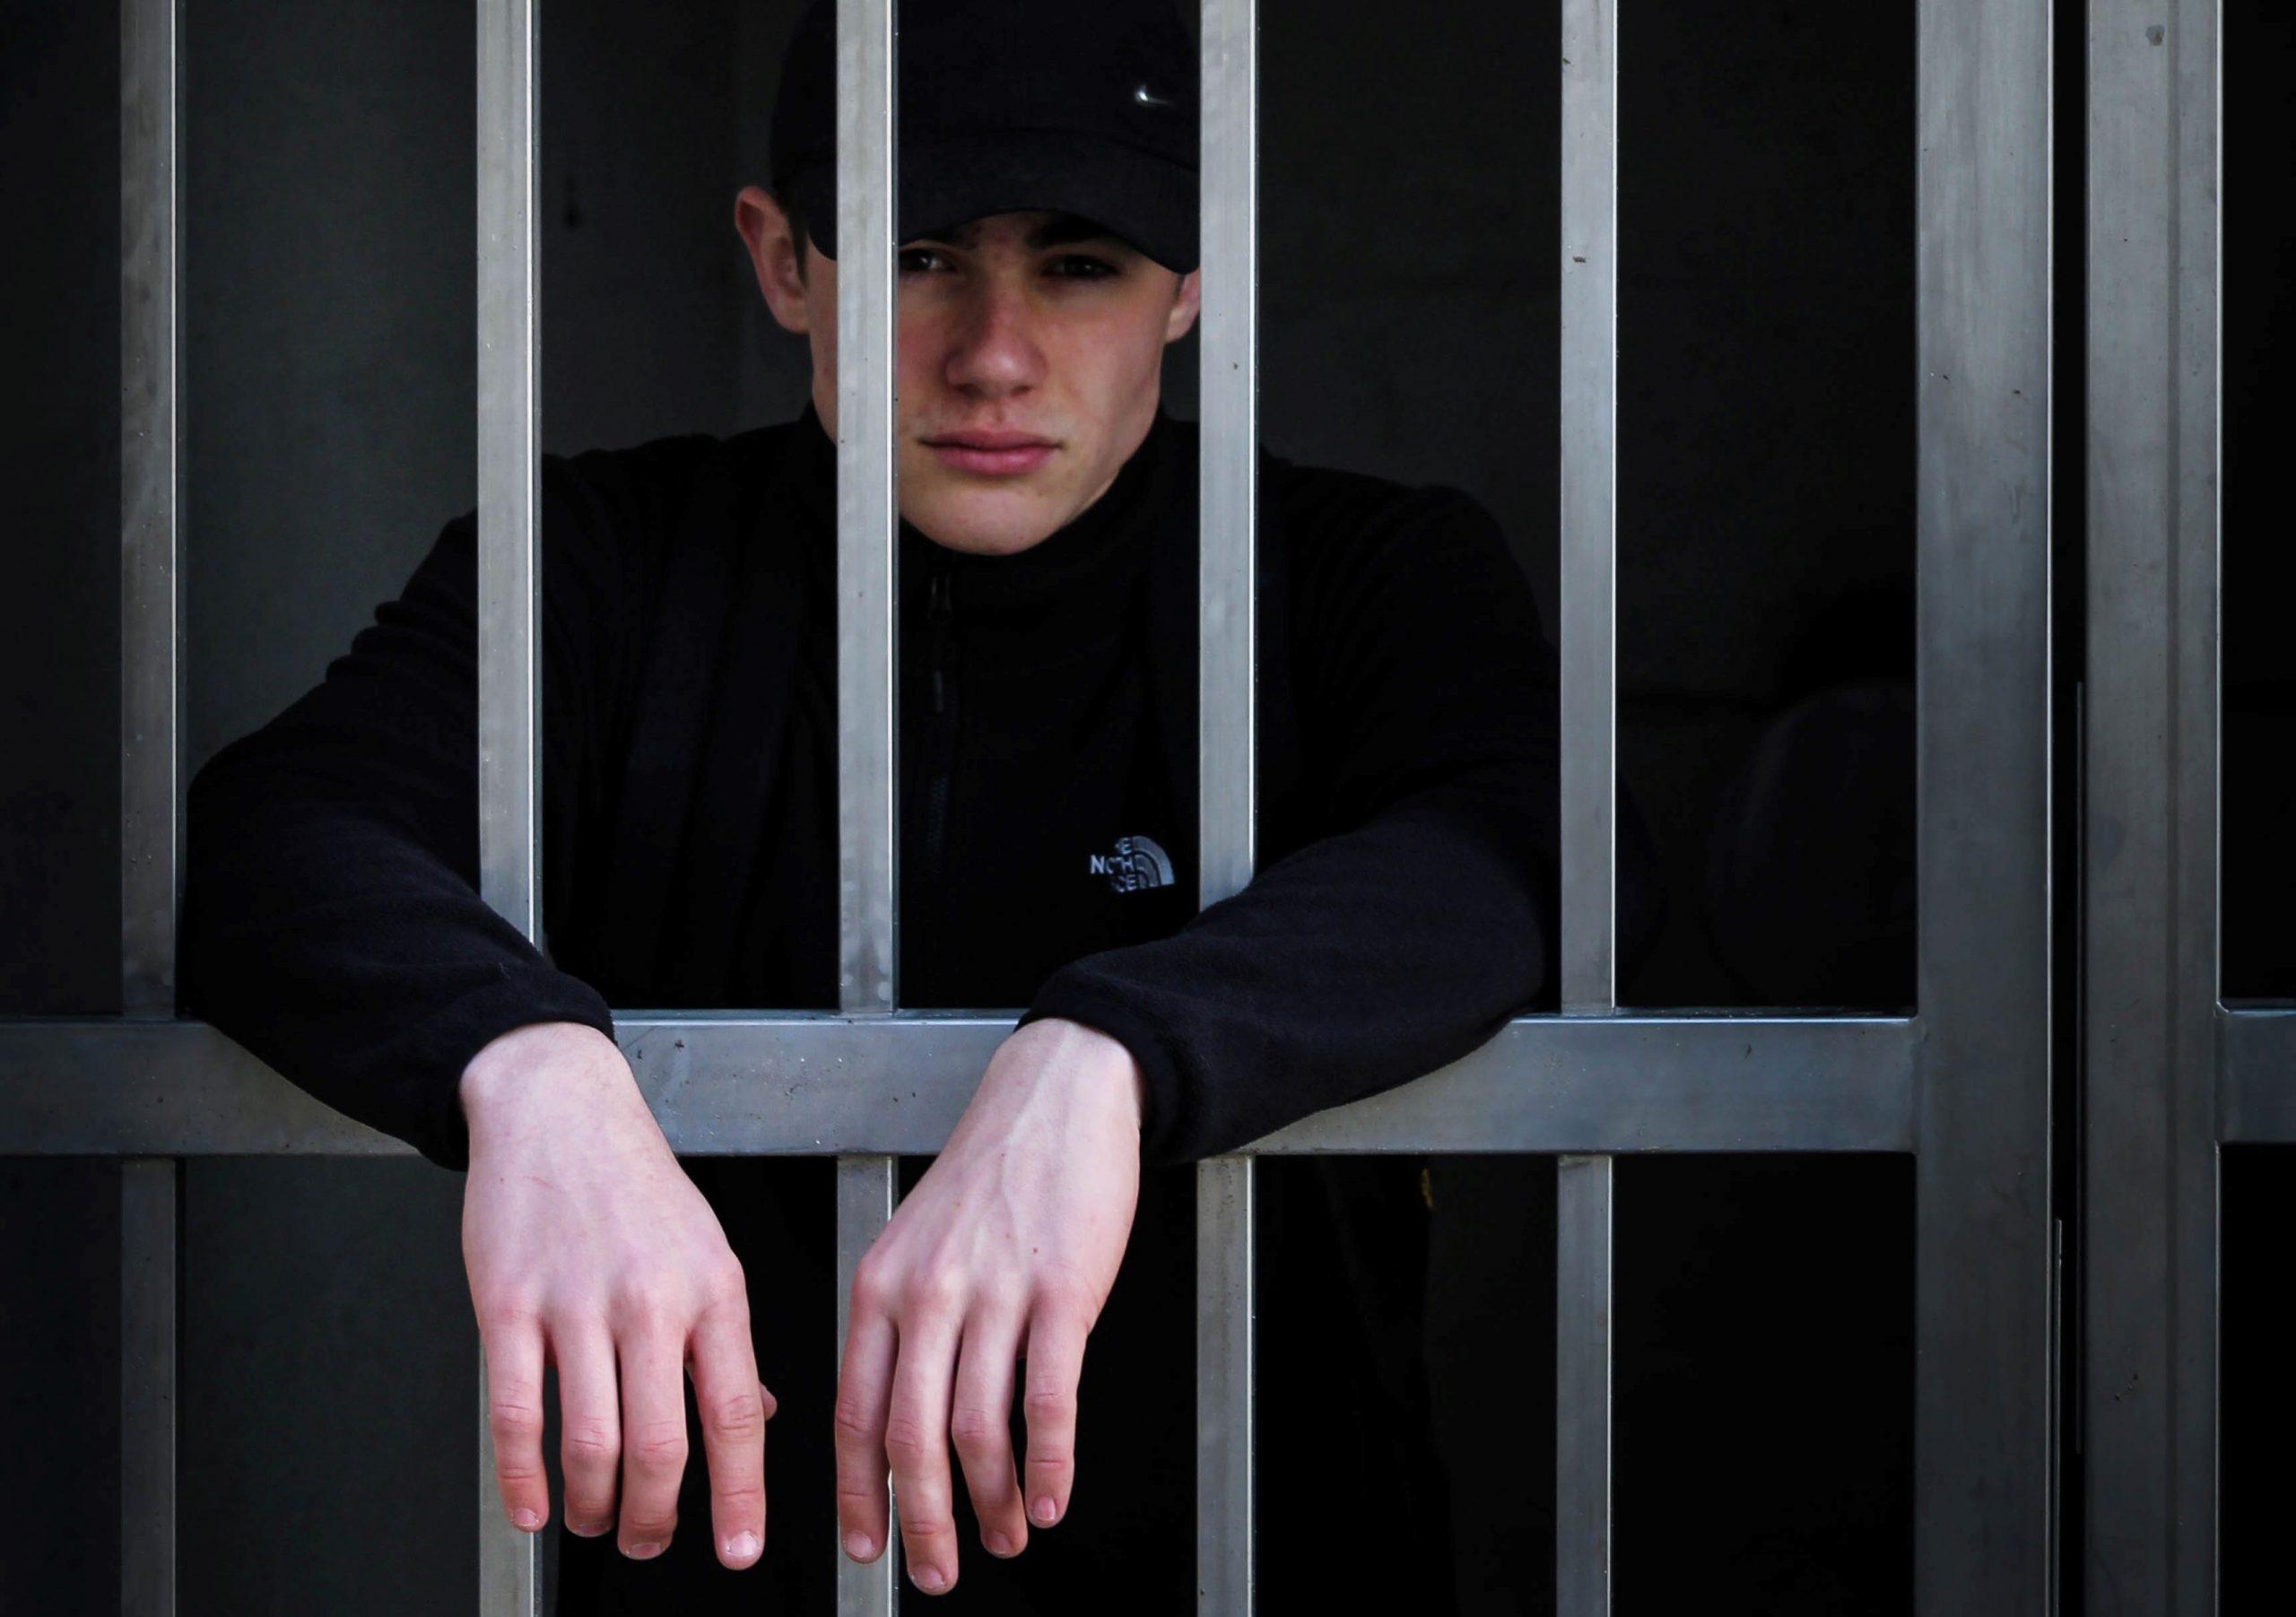 Gergo carcerario per un lavoro fatto e parlato